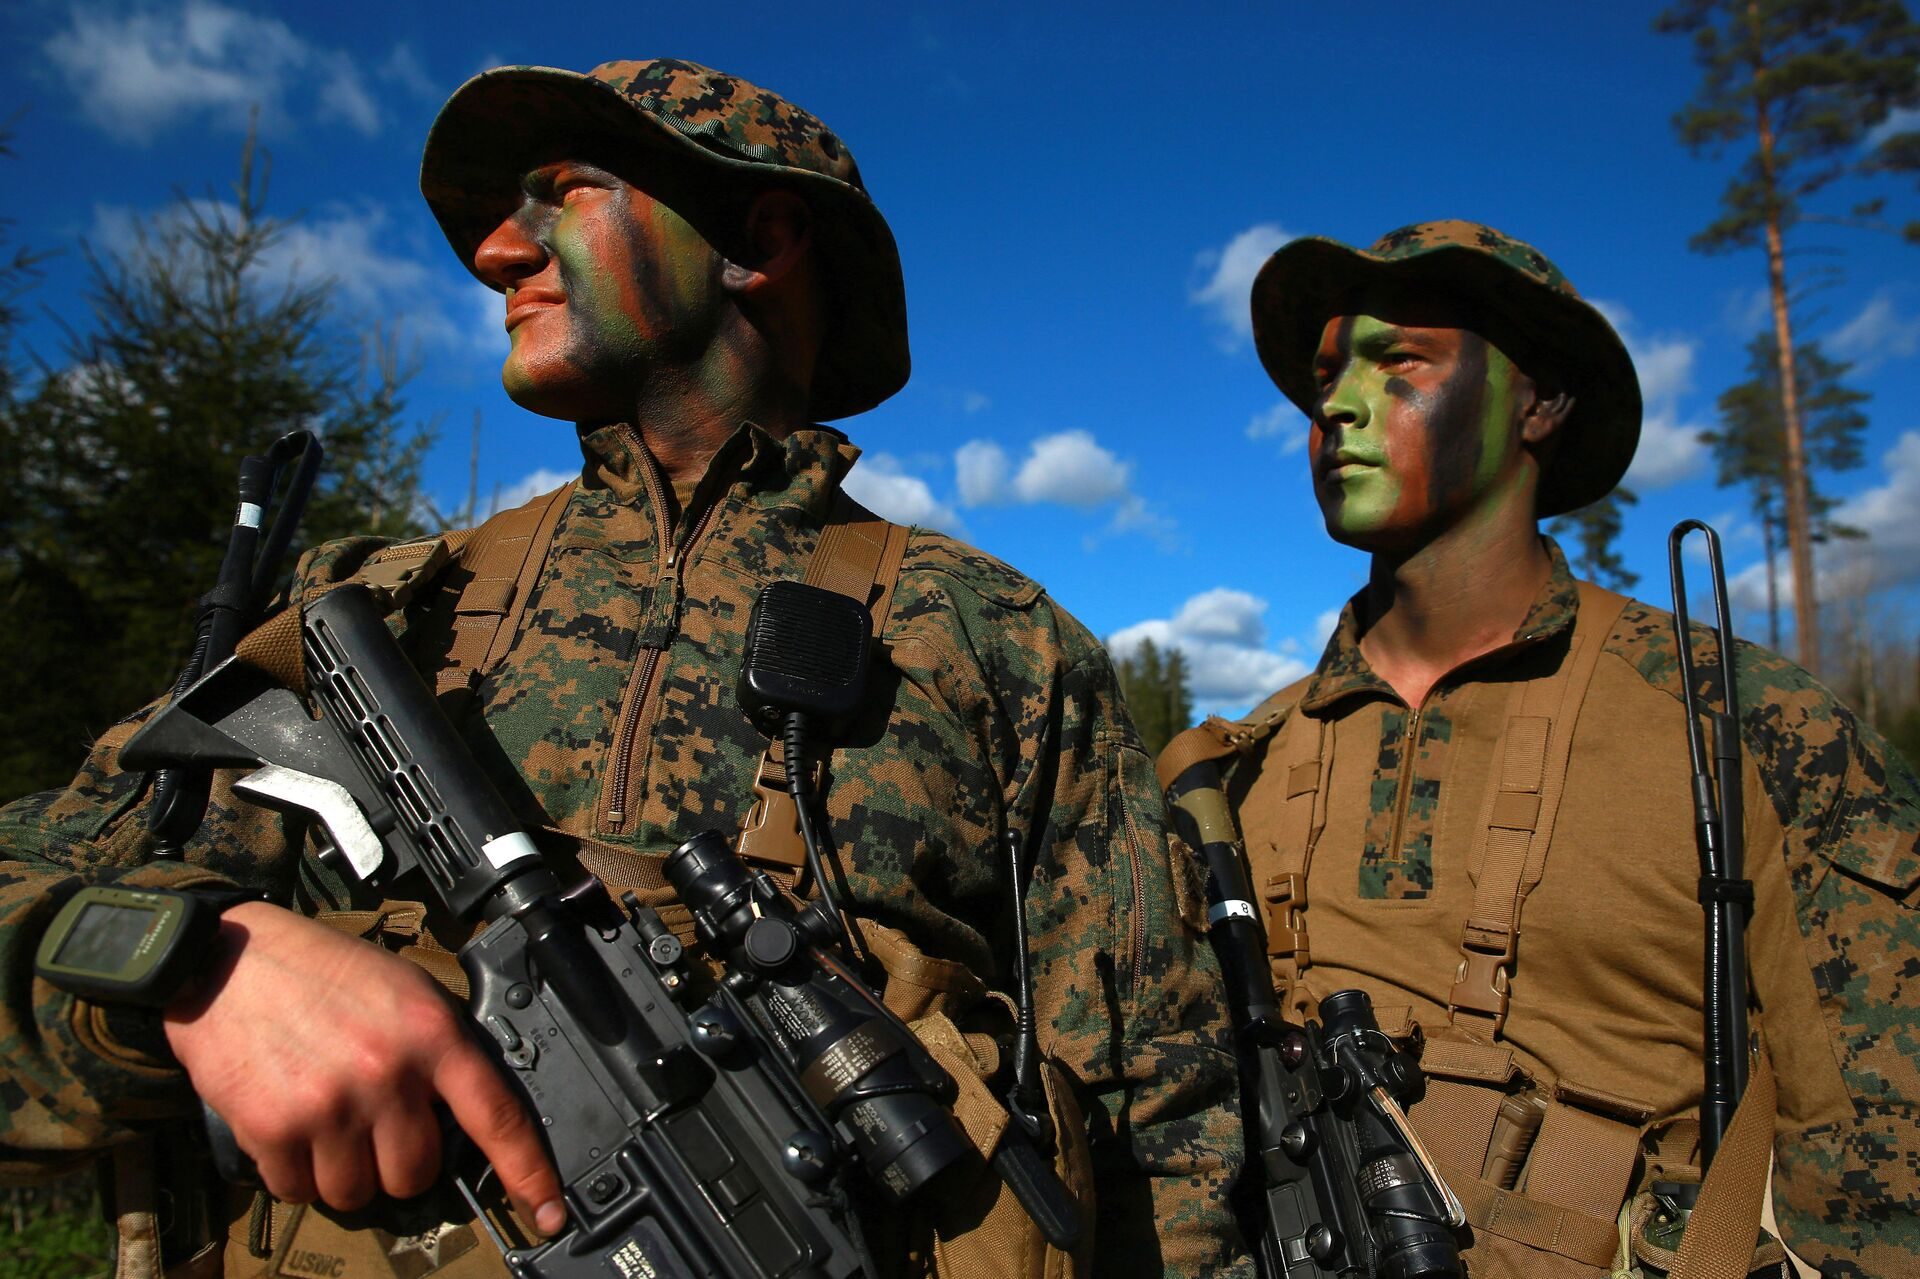 Военнослужащие армии США во время совместных учений войск НАТО в Эстонии - РИА Новости, 1920, 19.03.2021